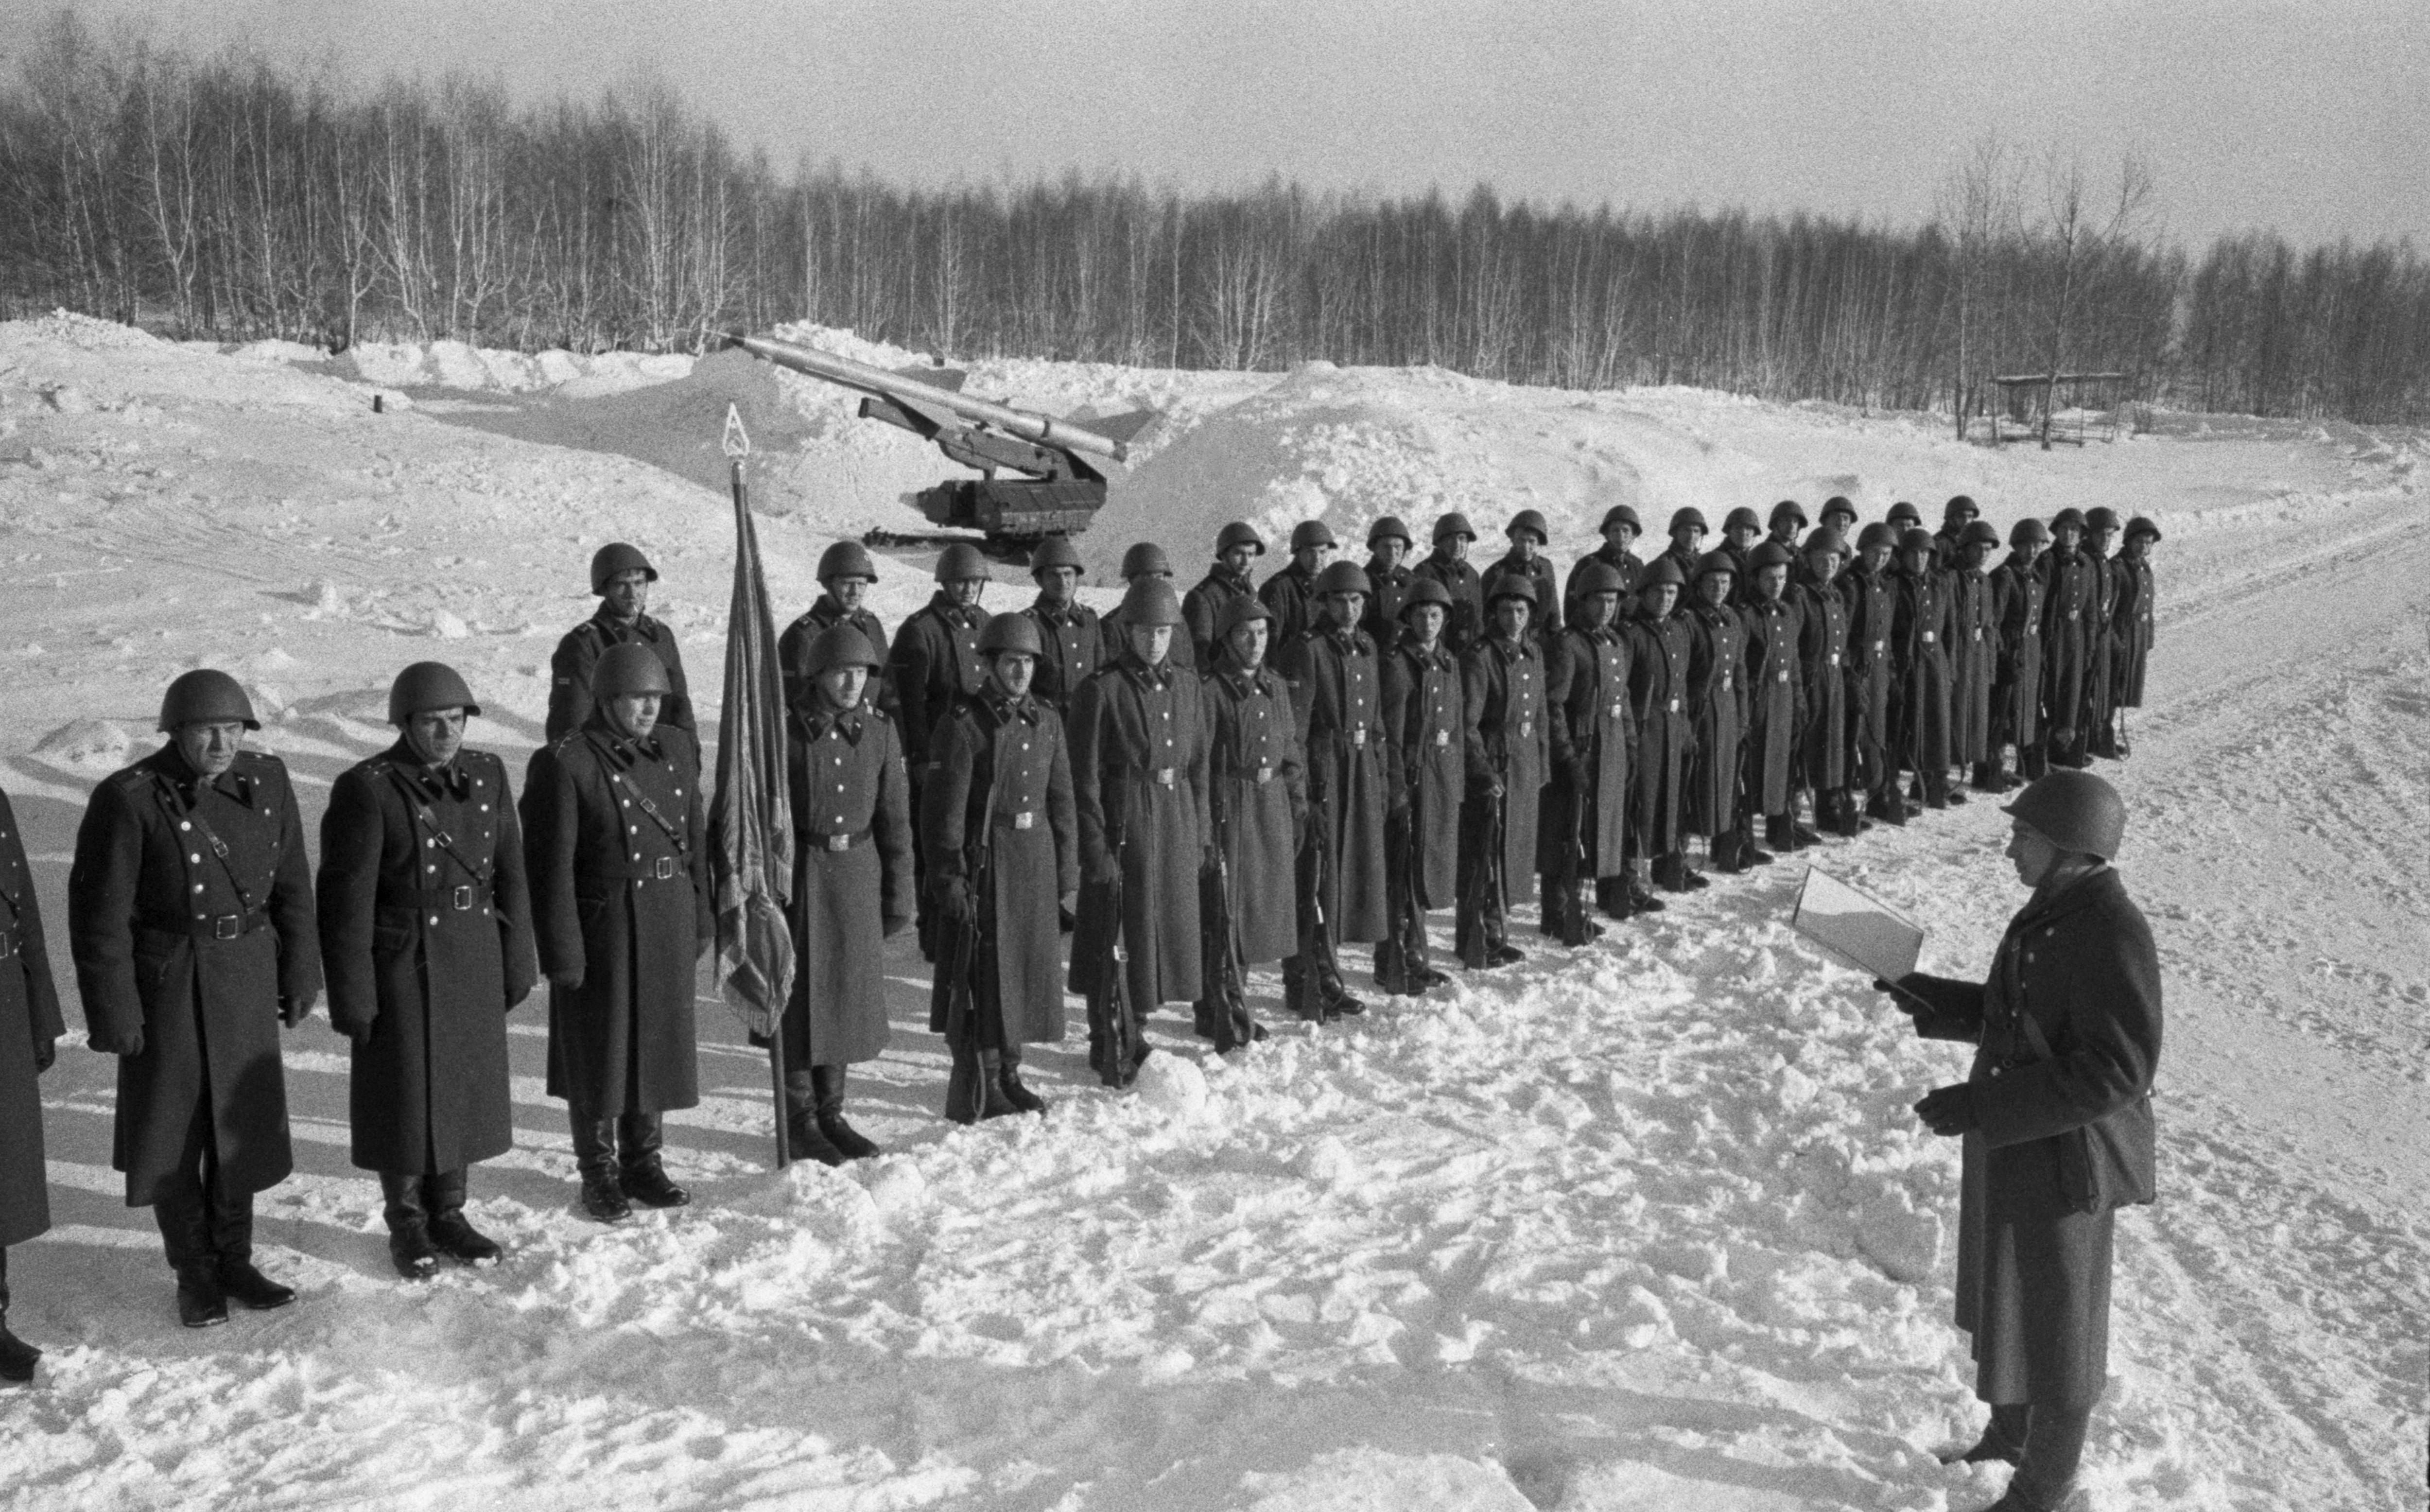 Войска противовоздушной обороны СССР, 1981 год